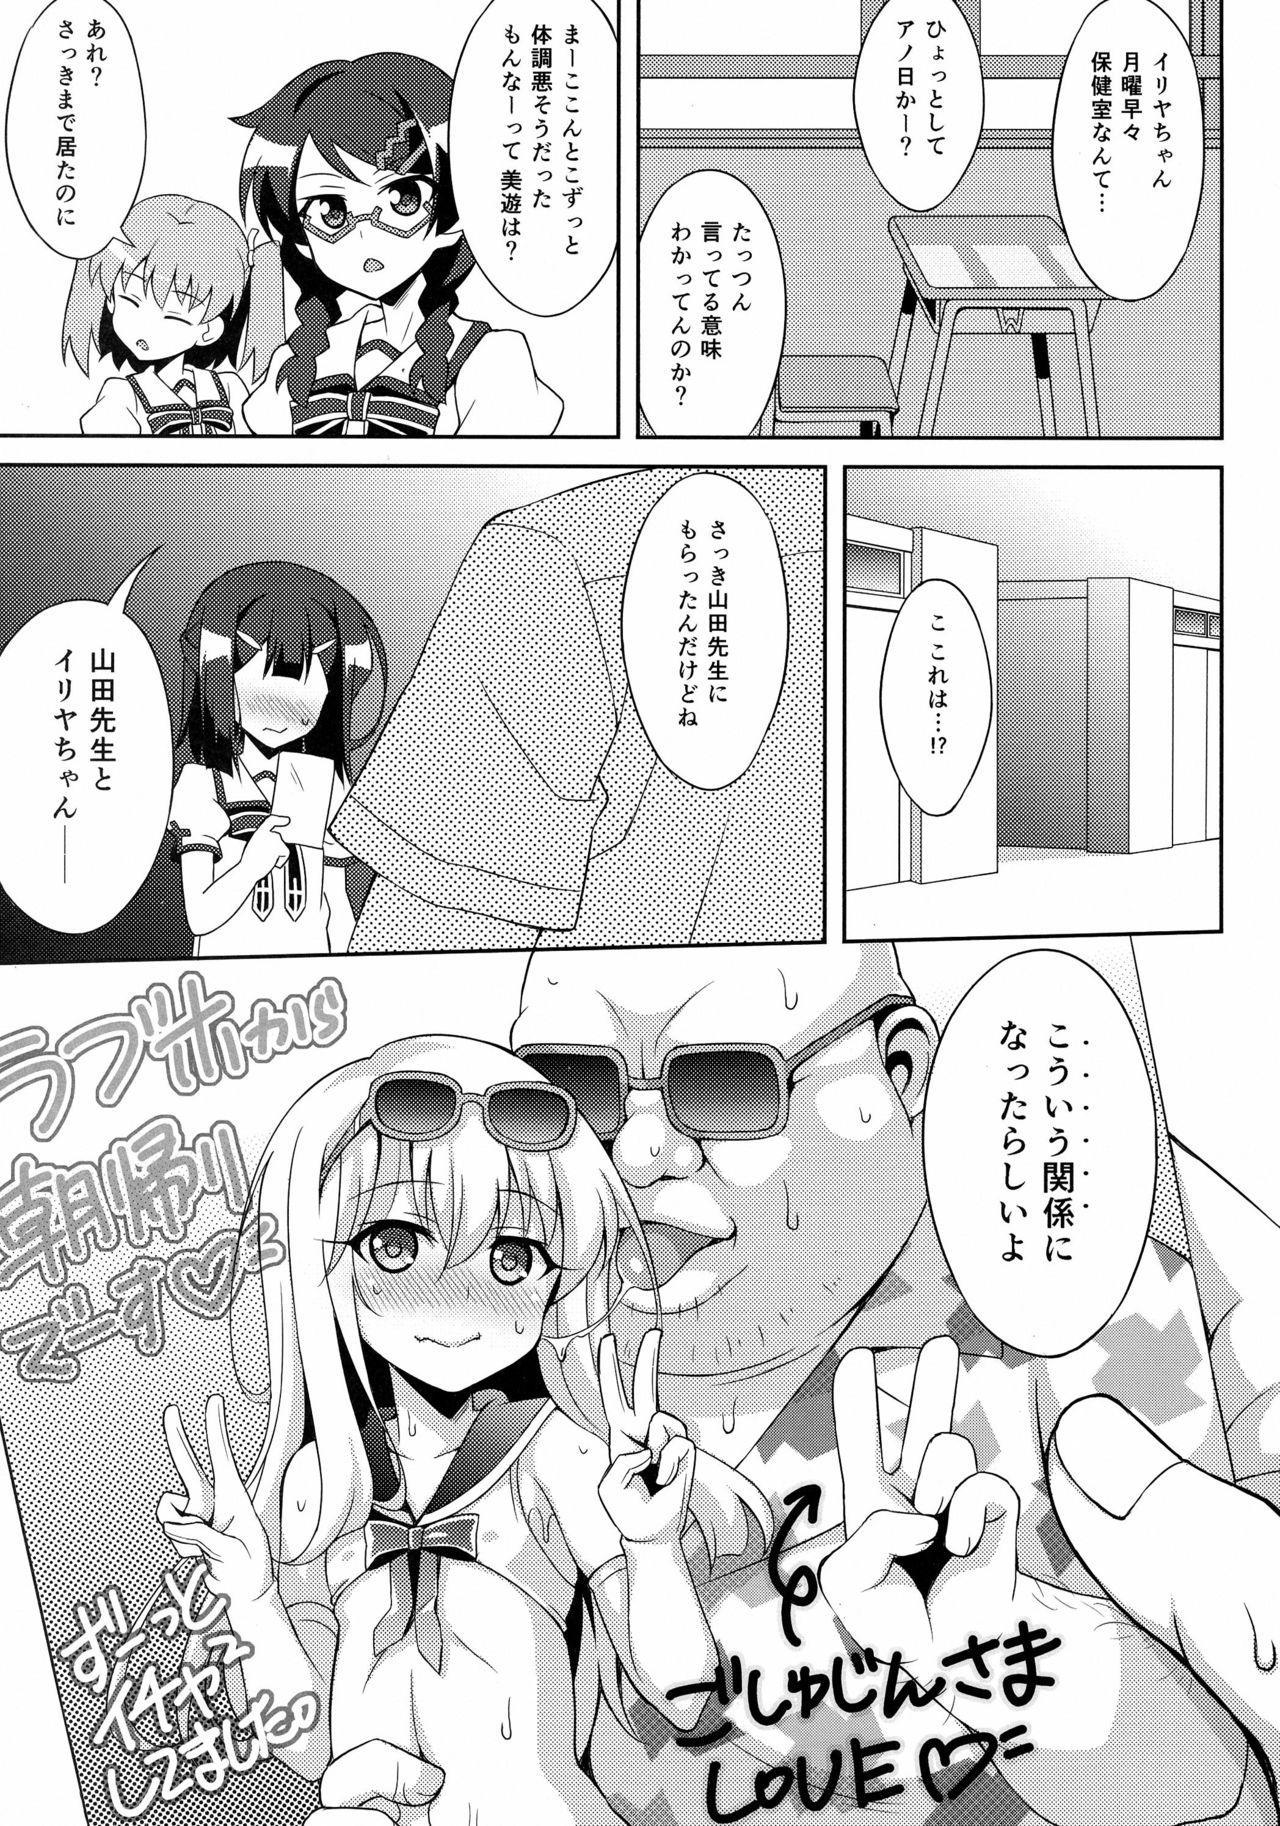 Kyuusei Maryoku Chuudoku 4 4